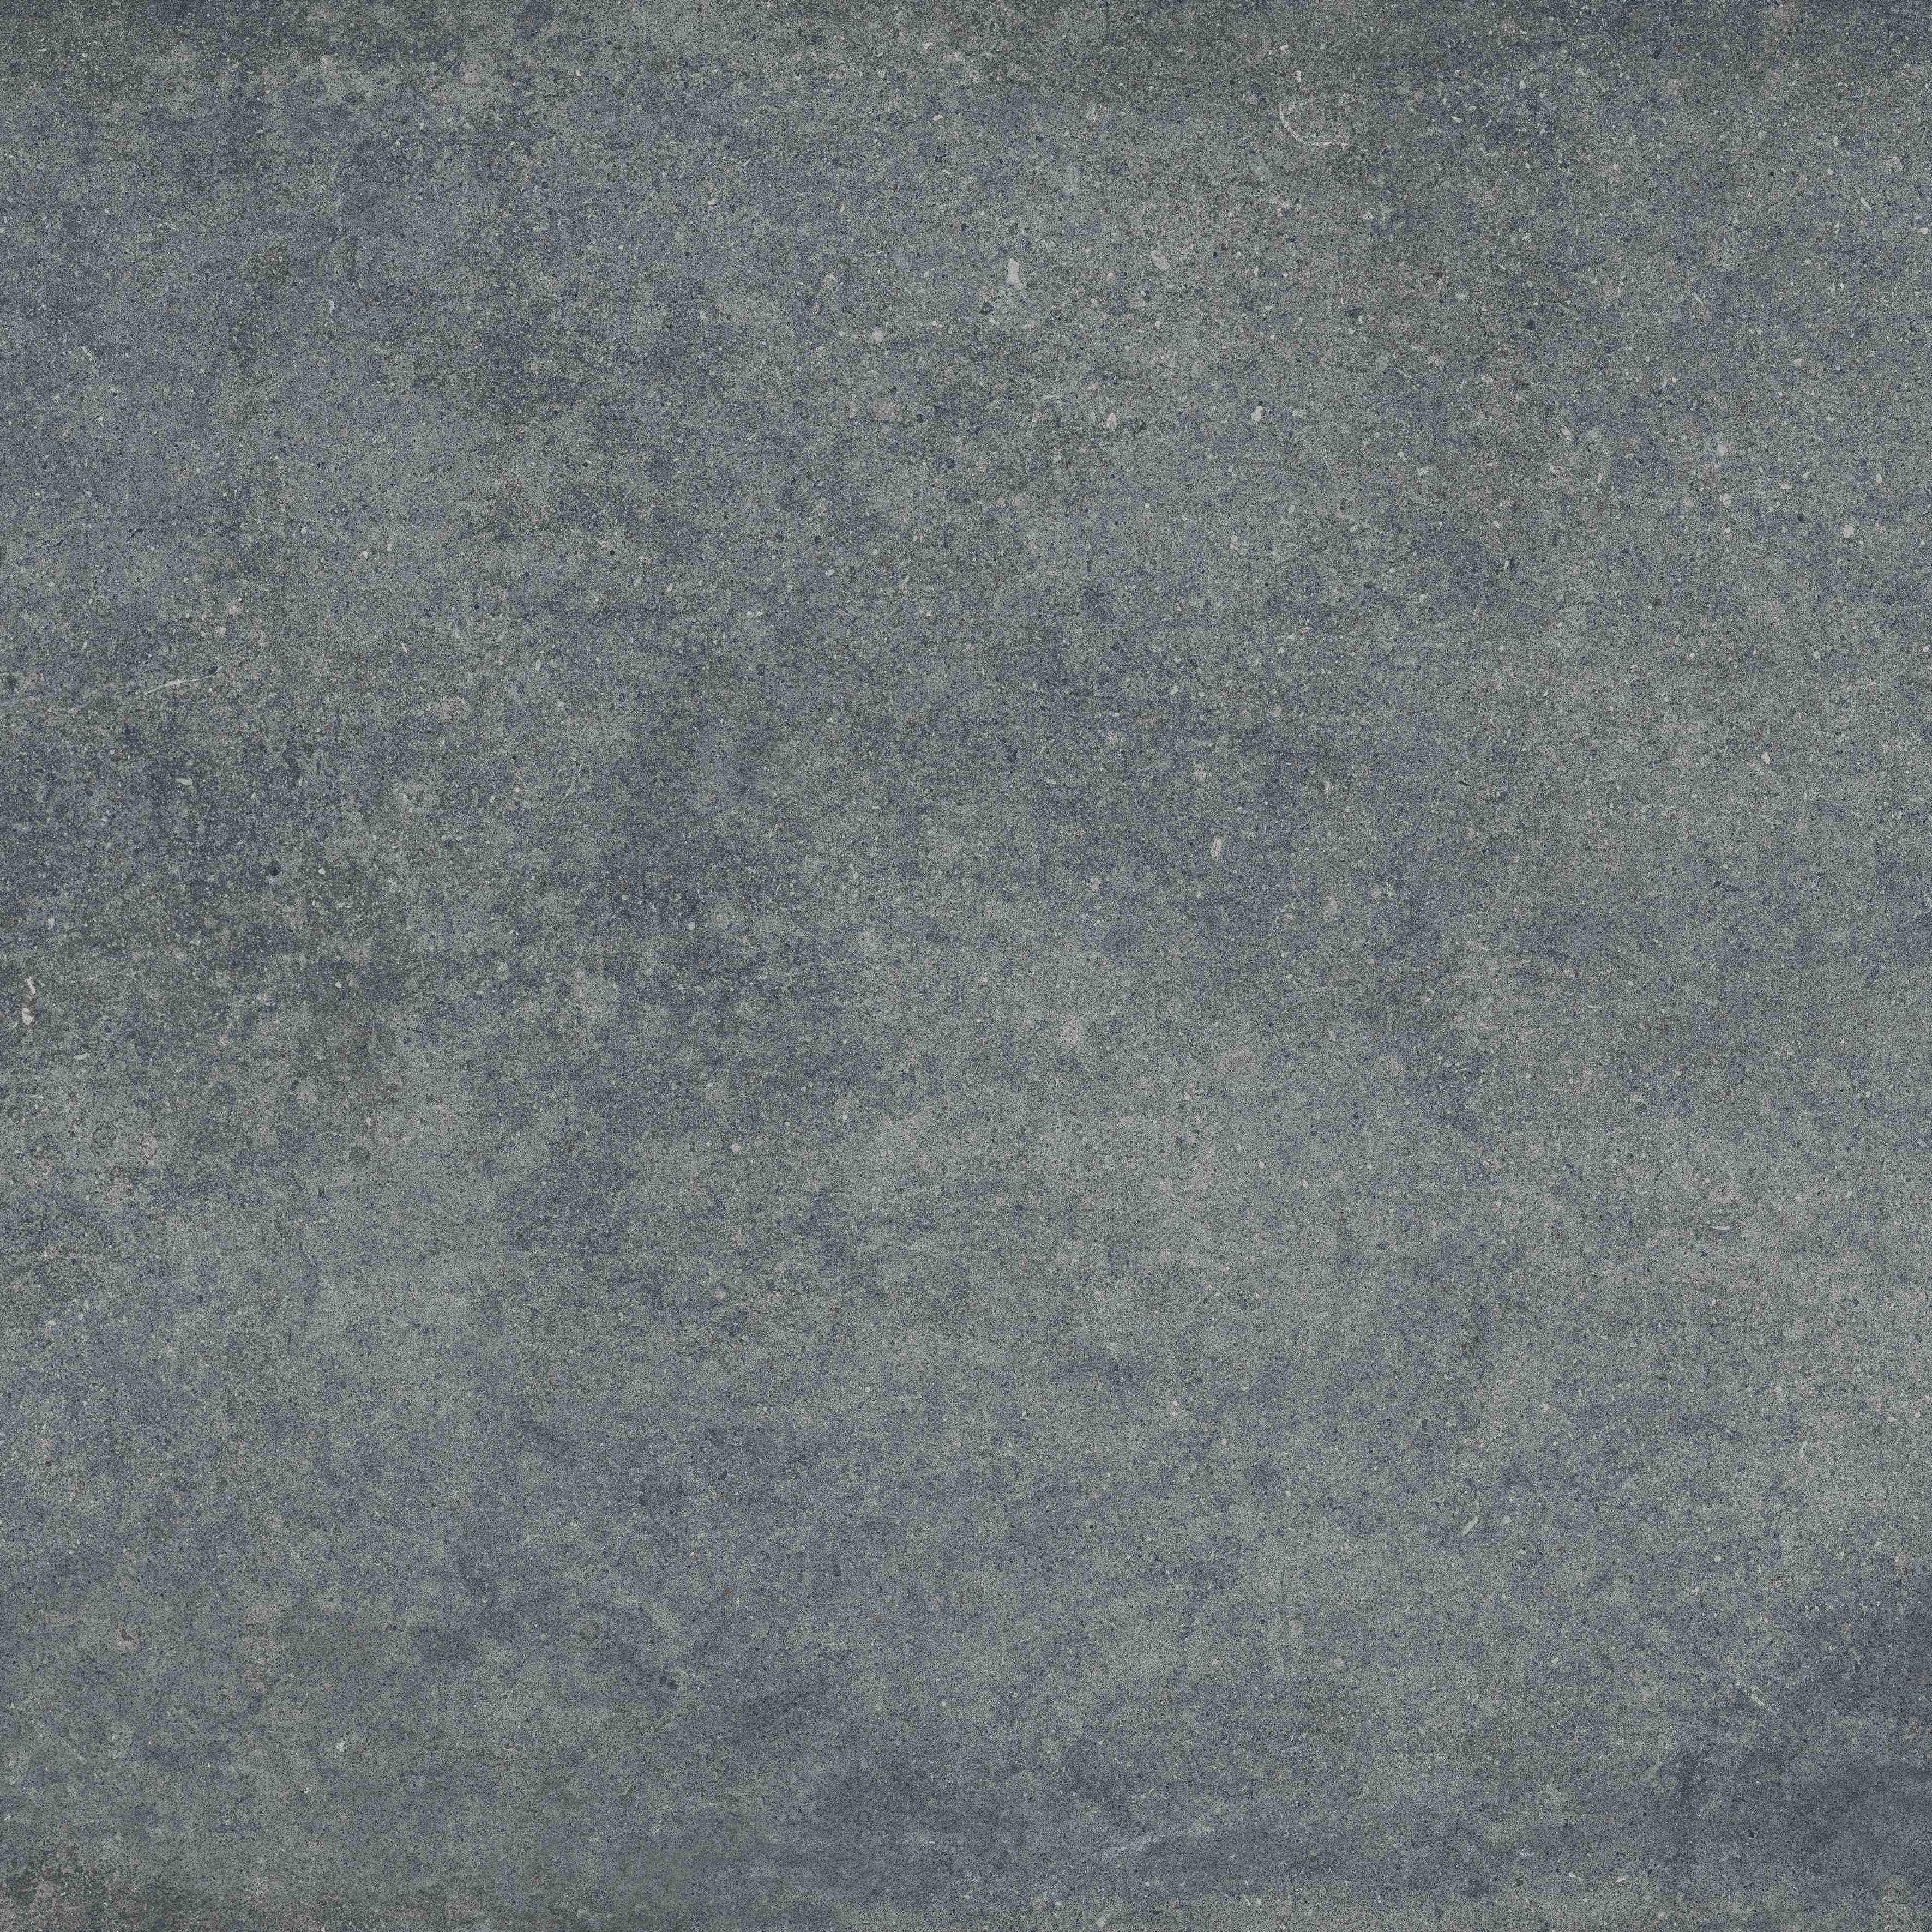 Керамогранит Zeus Ceramicа Concrete Nero 60х60 Zrxrm9r